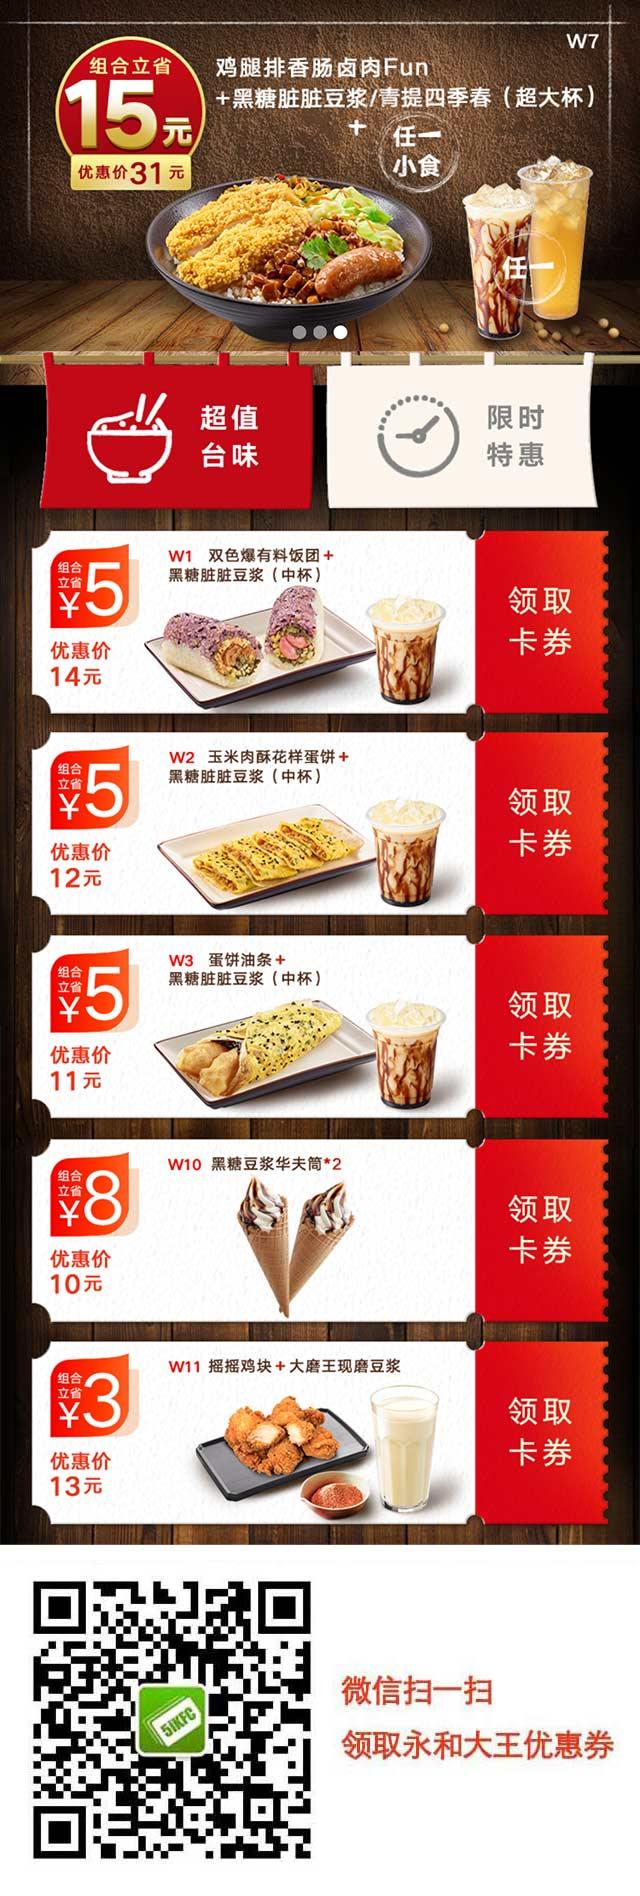 永和大王豆浆甜筒优惠券2019年5月至10月卡券领取 有效期至:2019年10月14日 www.5ikfc.com